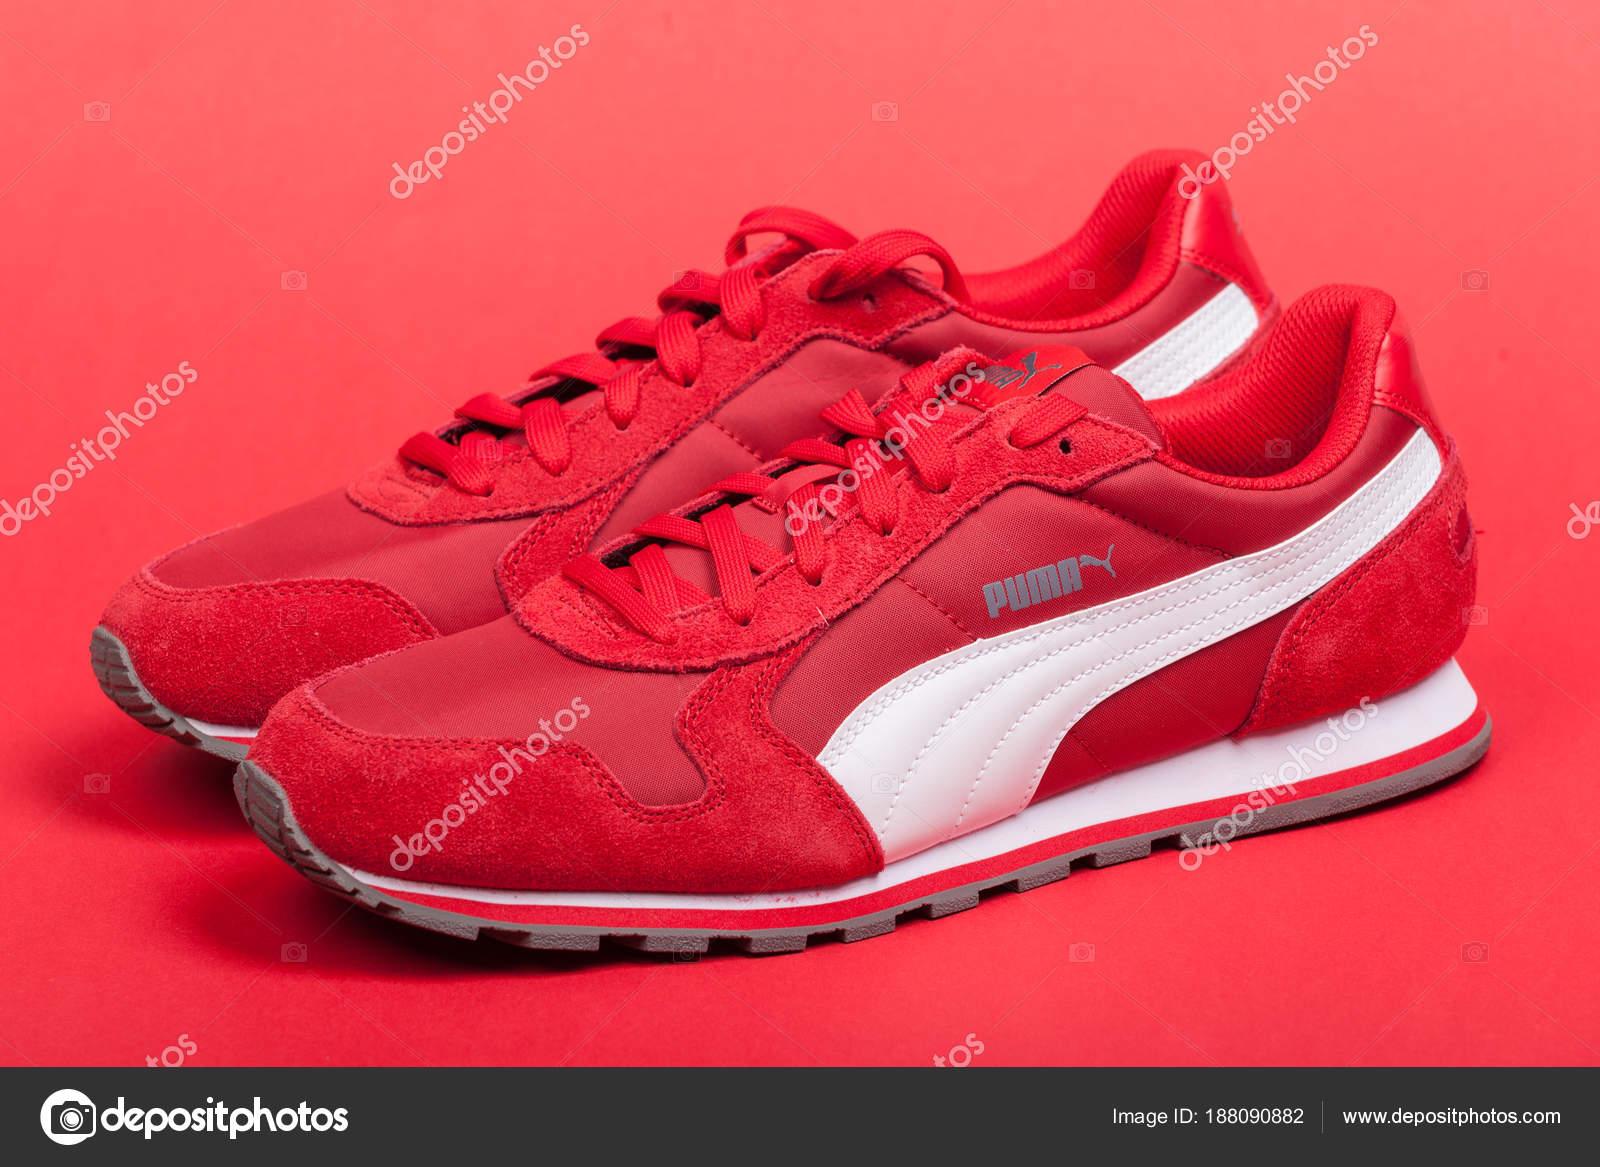 2017 Varna Deporte Zapatos Bulgaria De 17 Junio Rojo Puma UrIqr0v